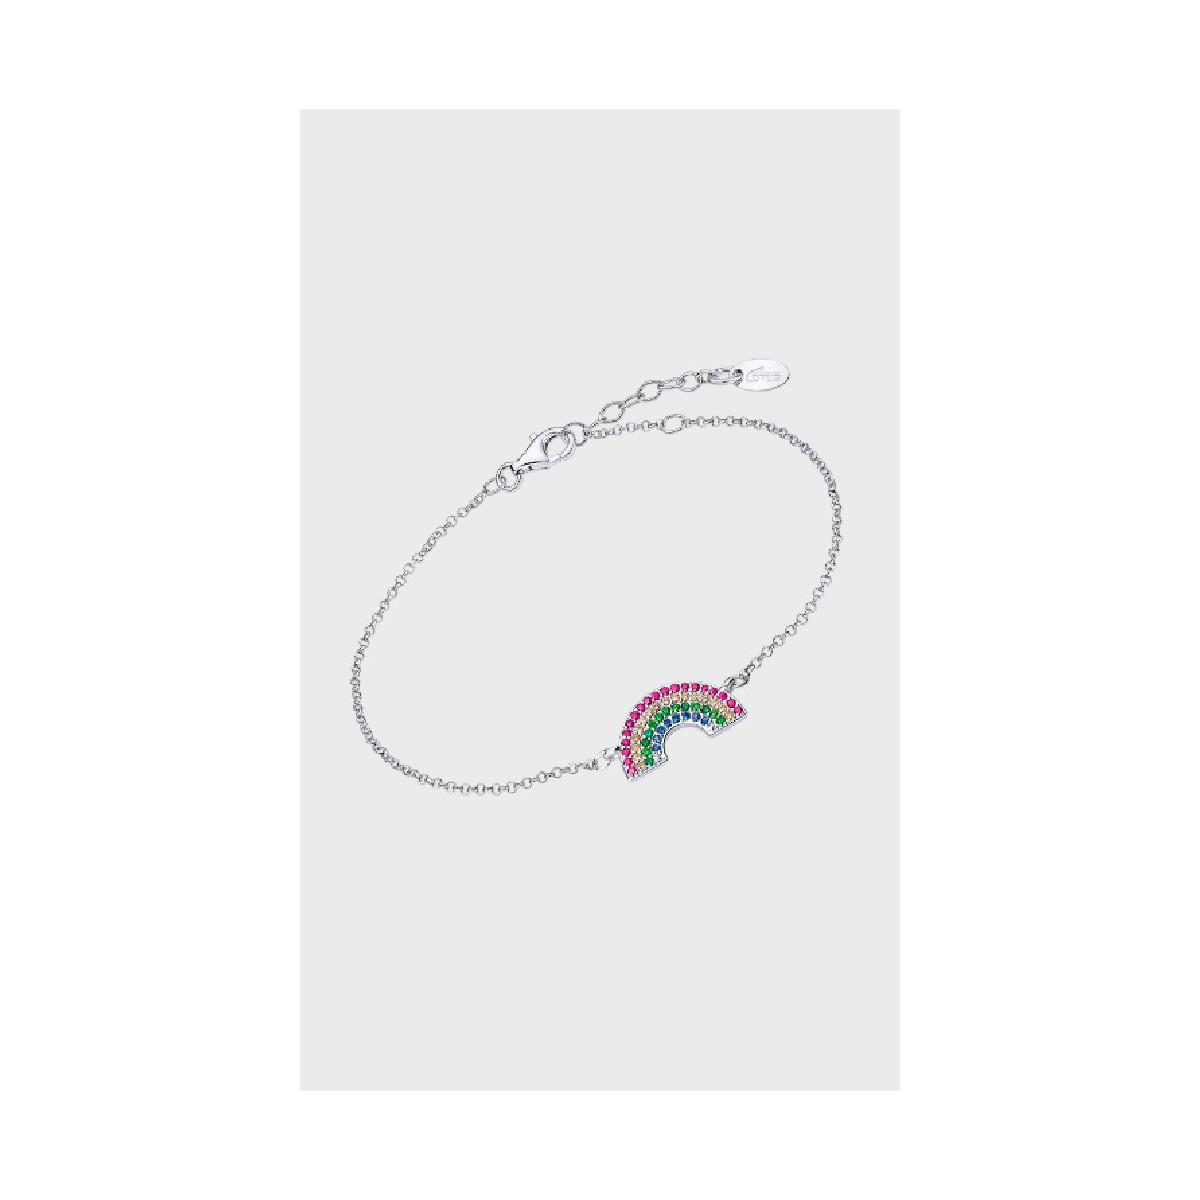 Lotus Silver Pulsera Sra.arcoiris.cadena - LP3001-2/1